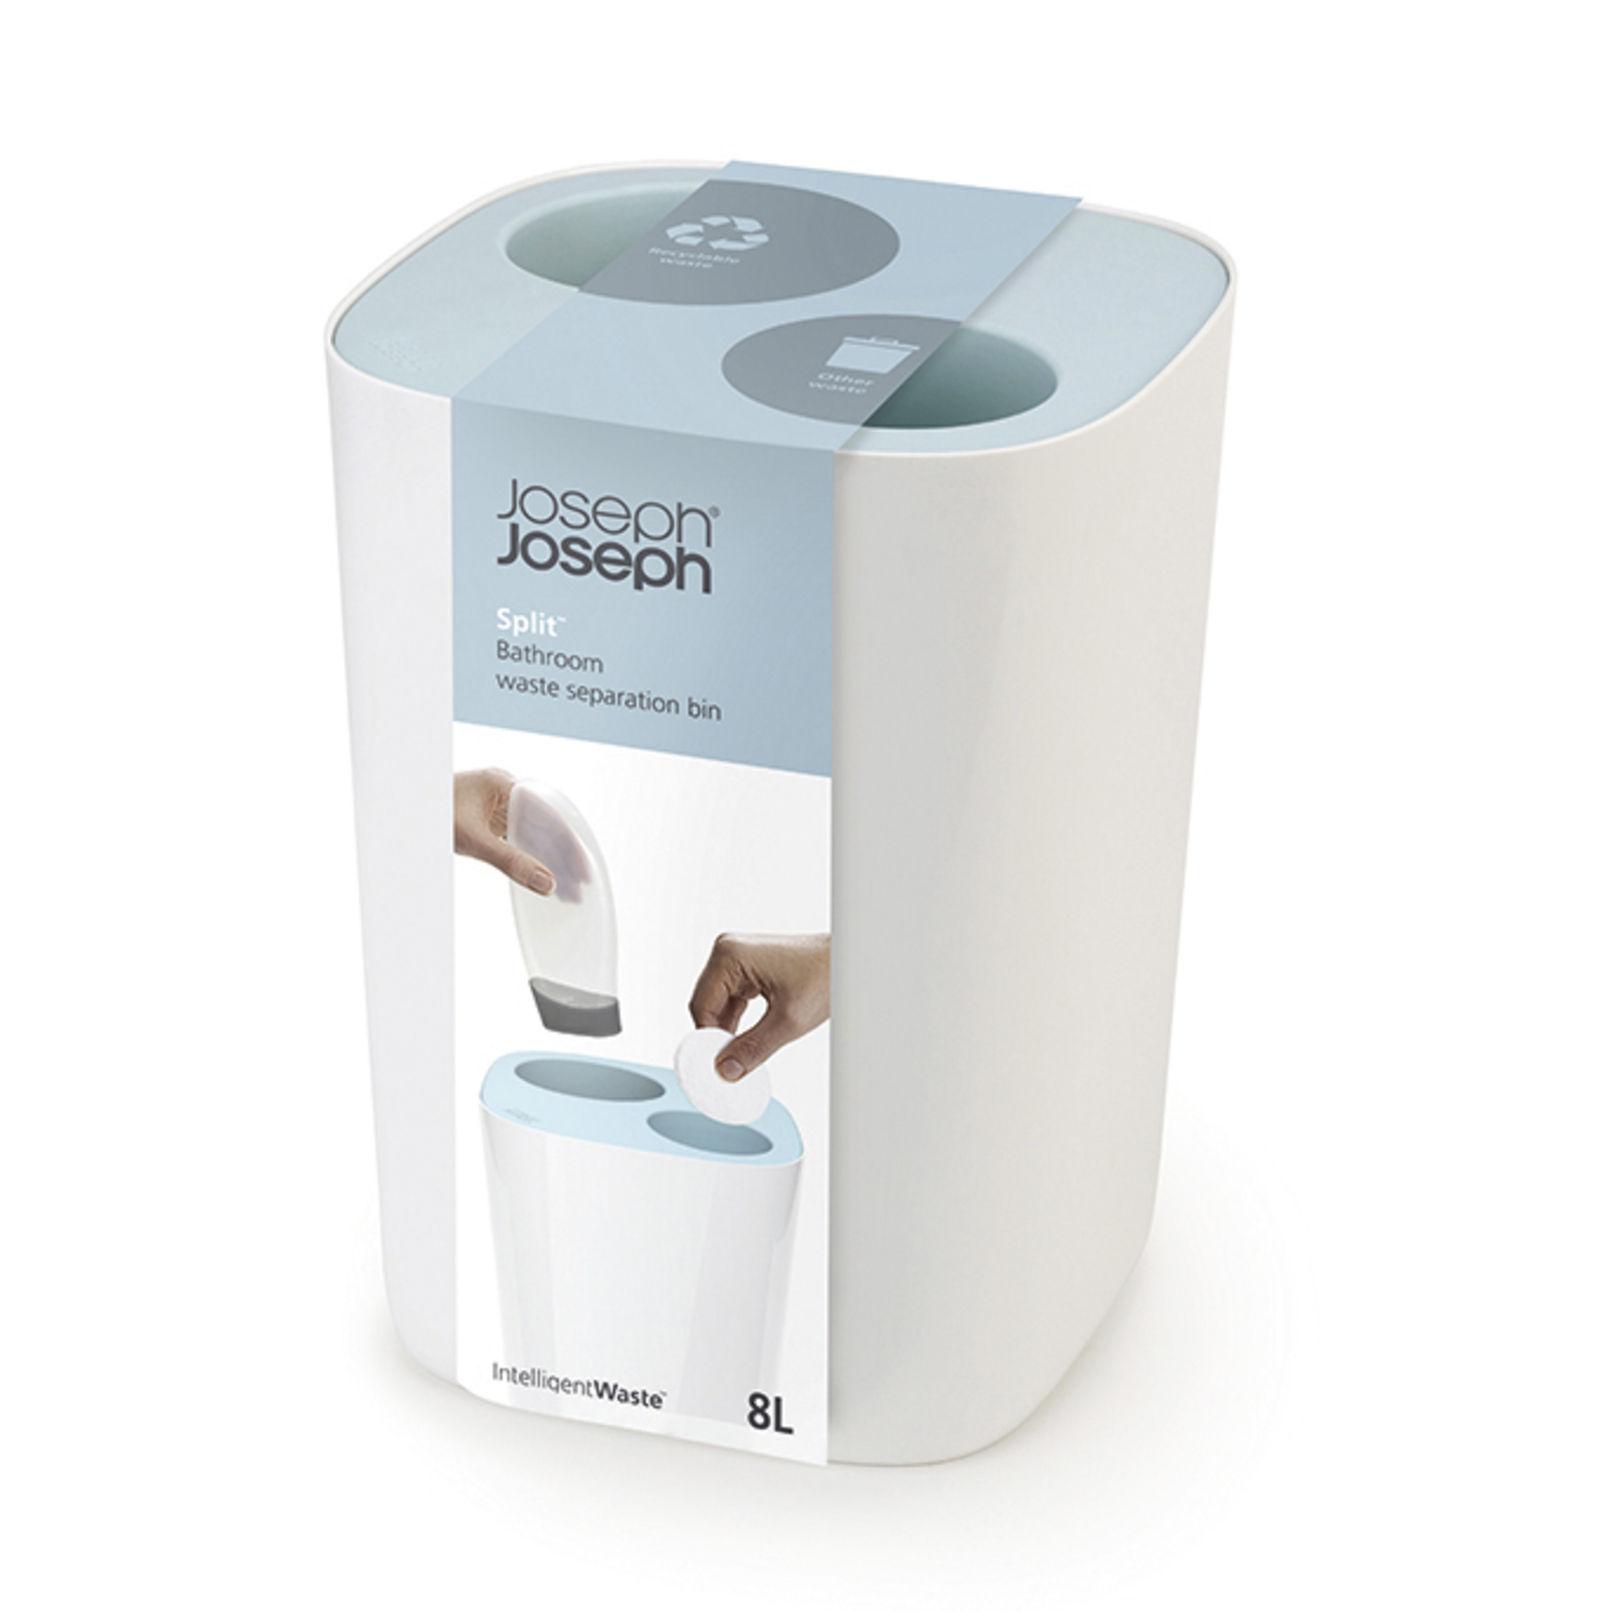 poubelle de tri split pour salle de bains 8 l bleu blanc joseph joseph. Black Bedroom Furniture Sets. Home Design Ideas